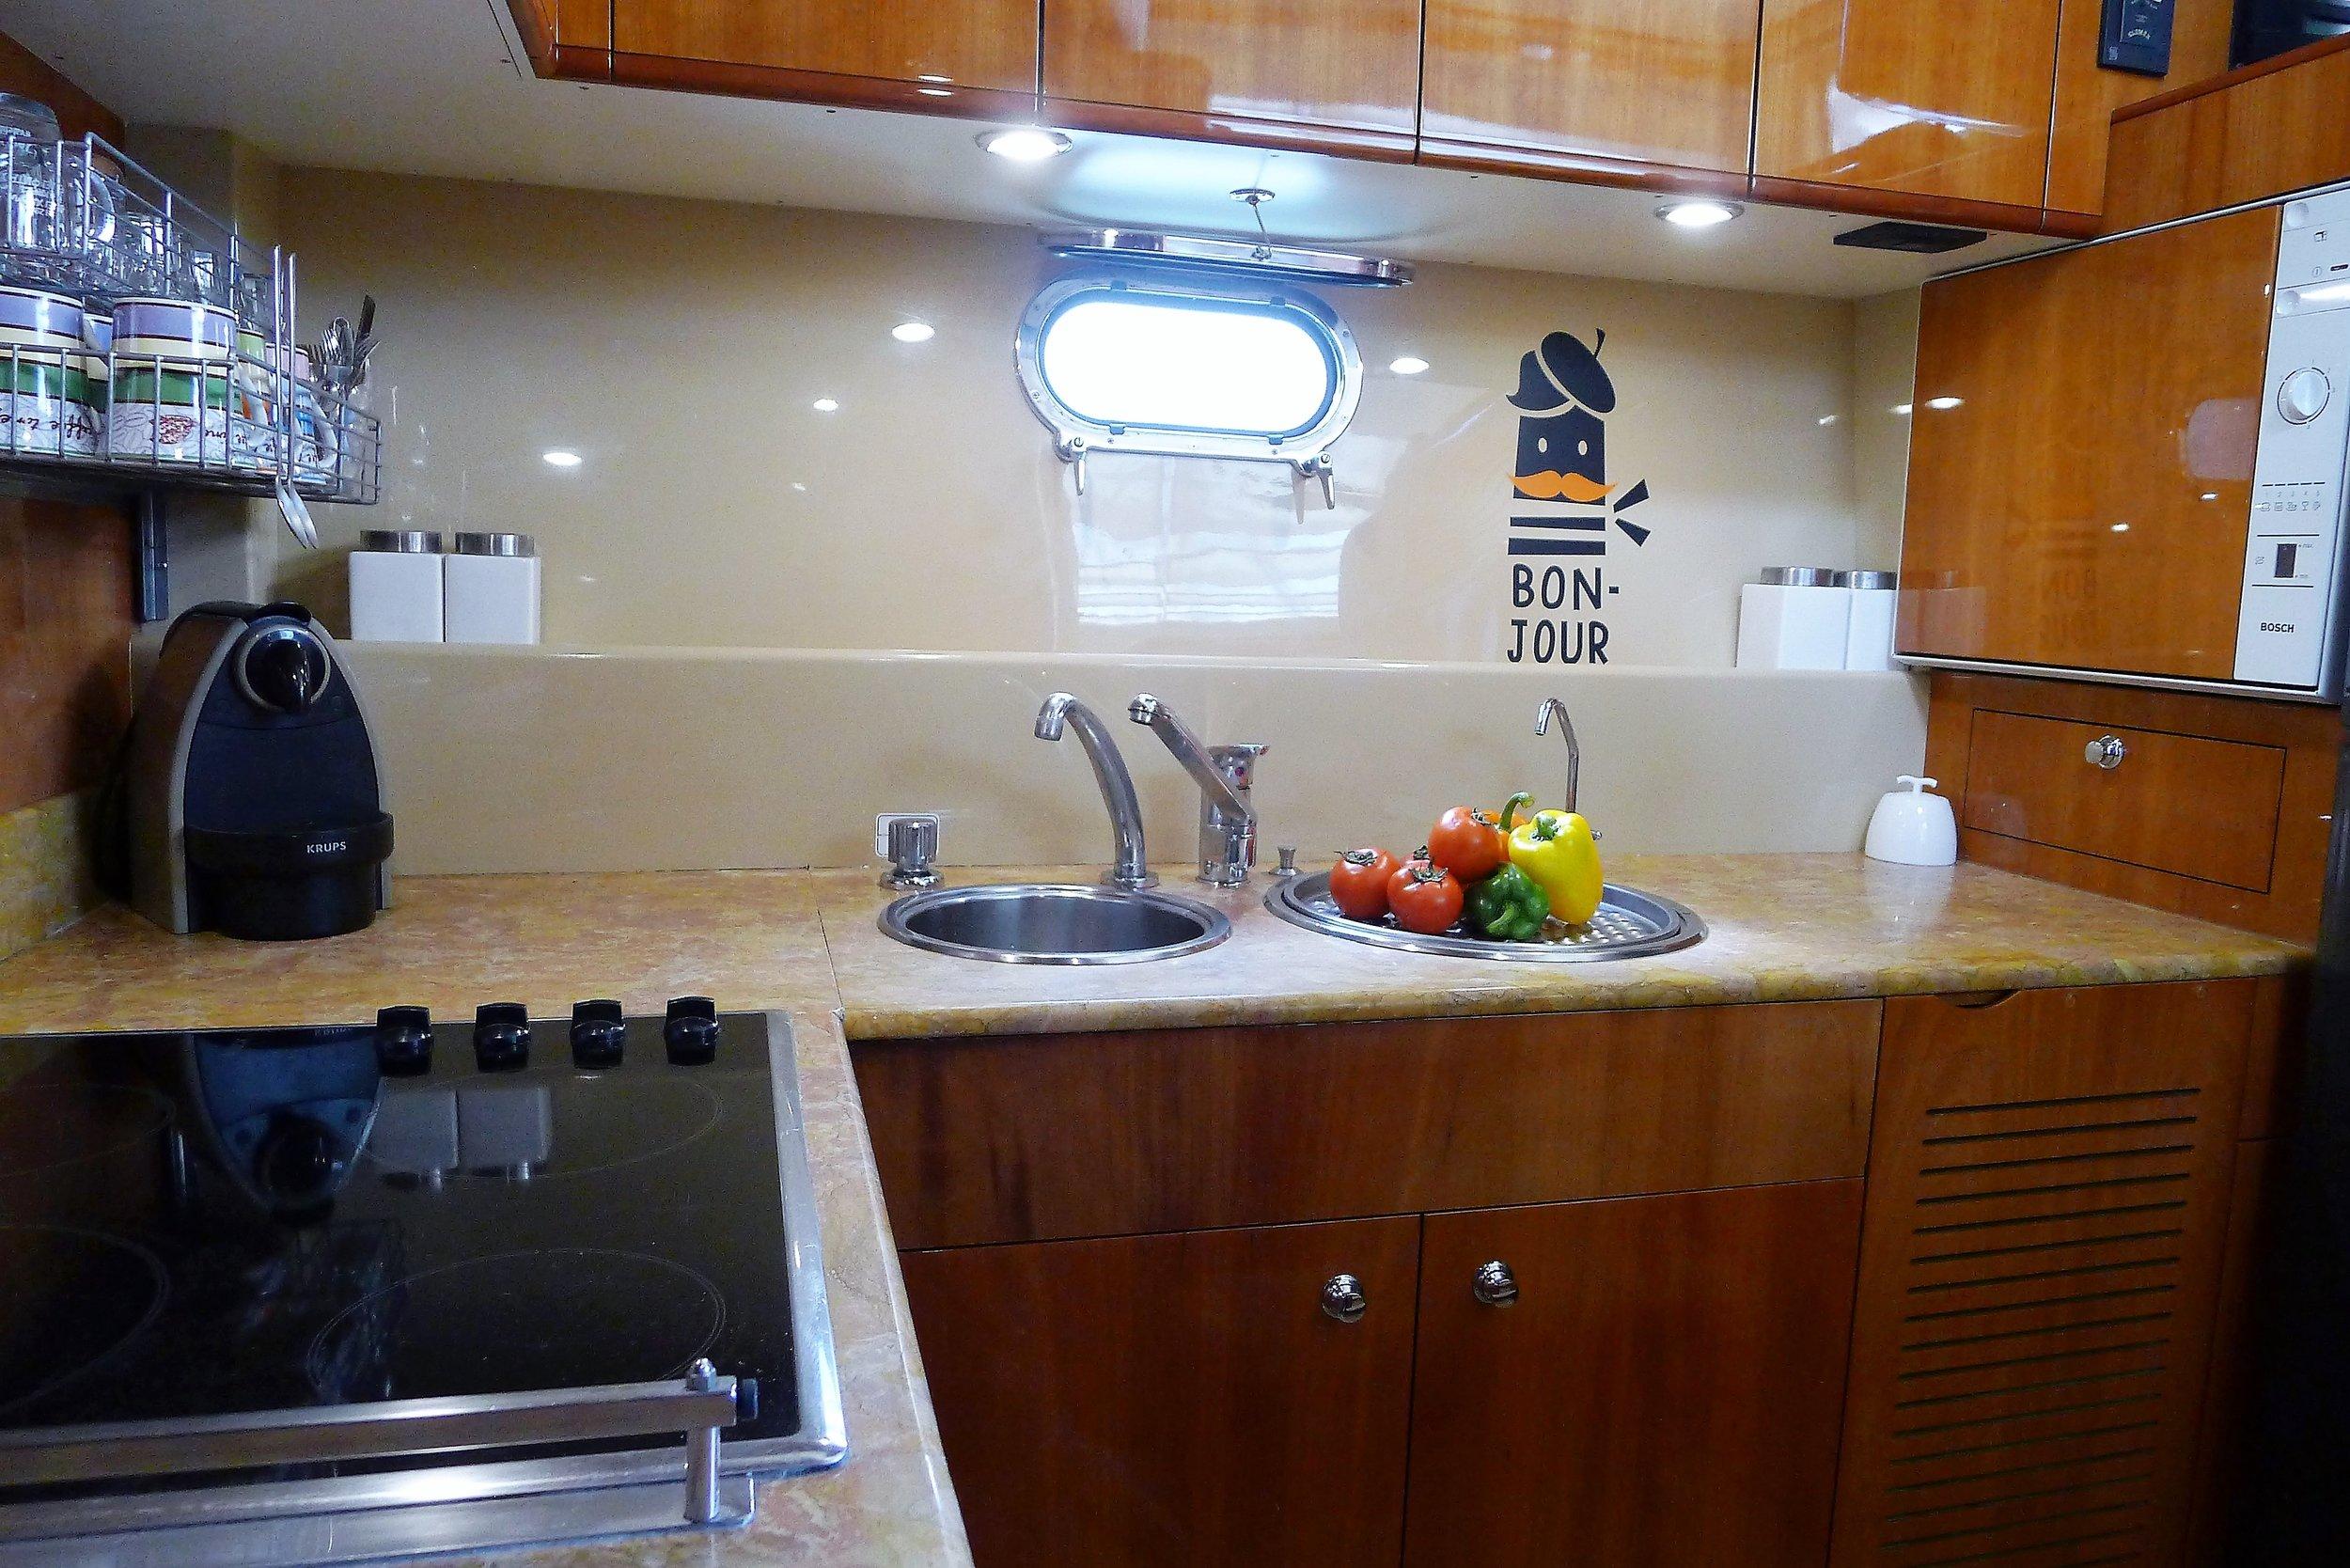 Fer59_kitchen 2.JPG